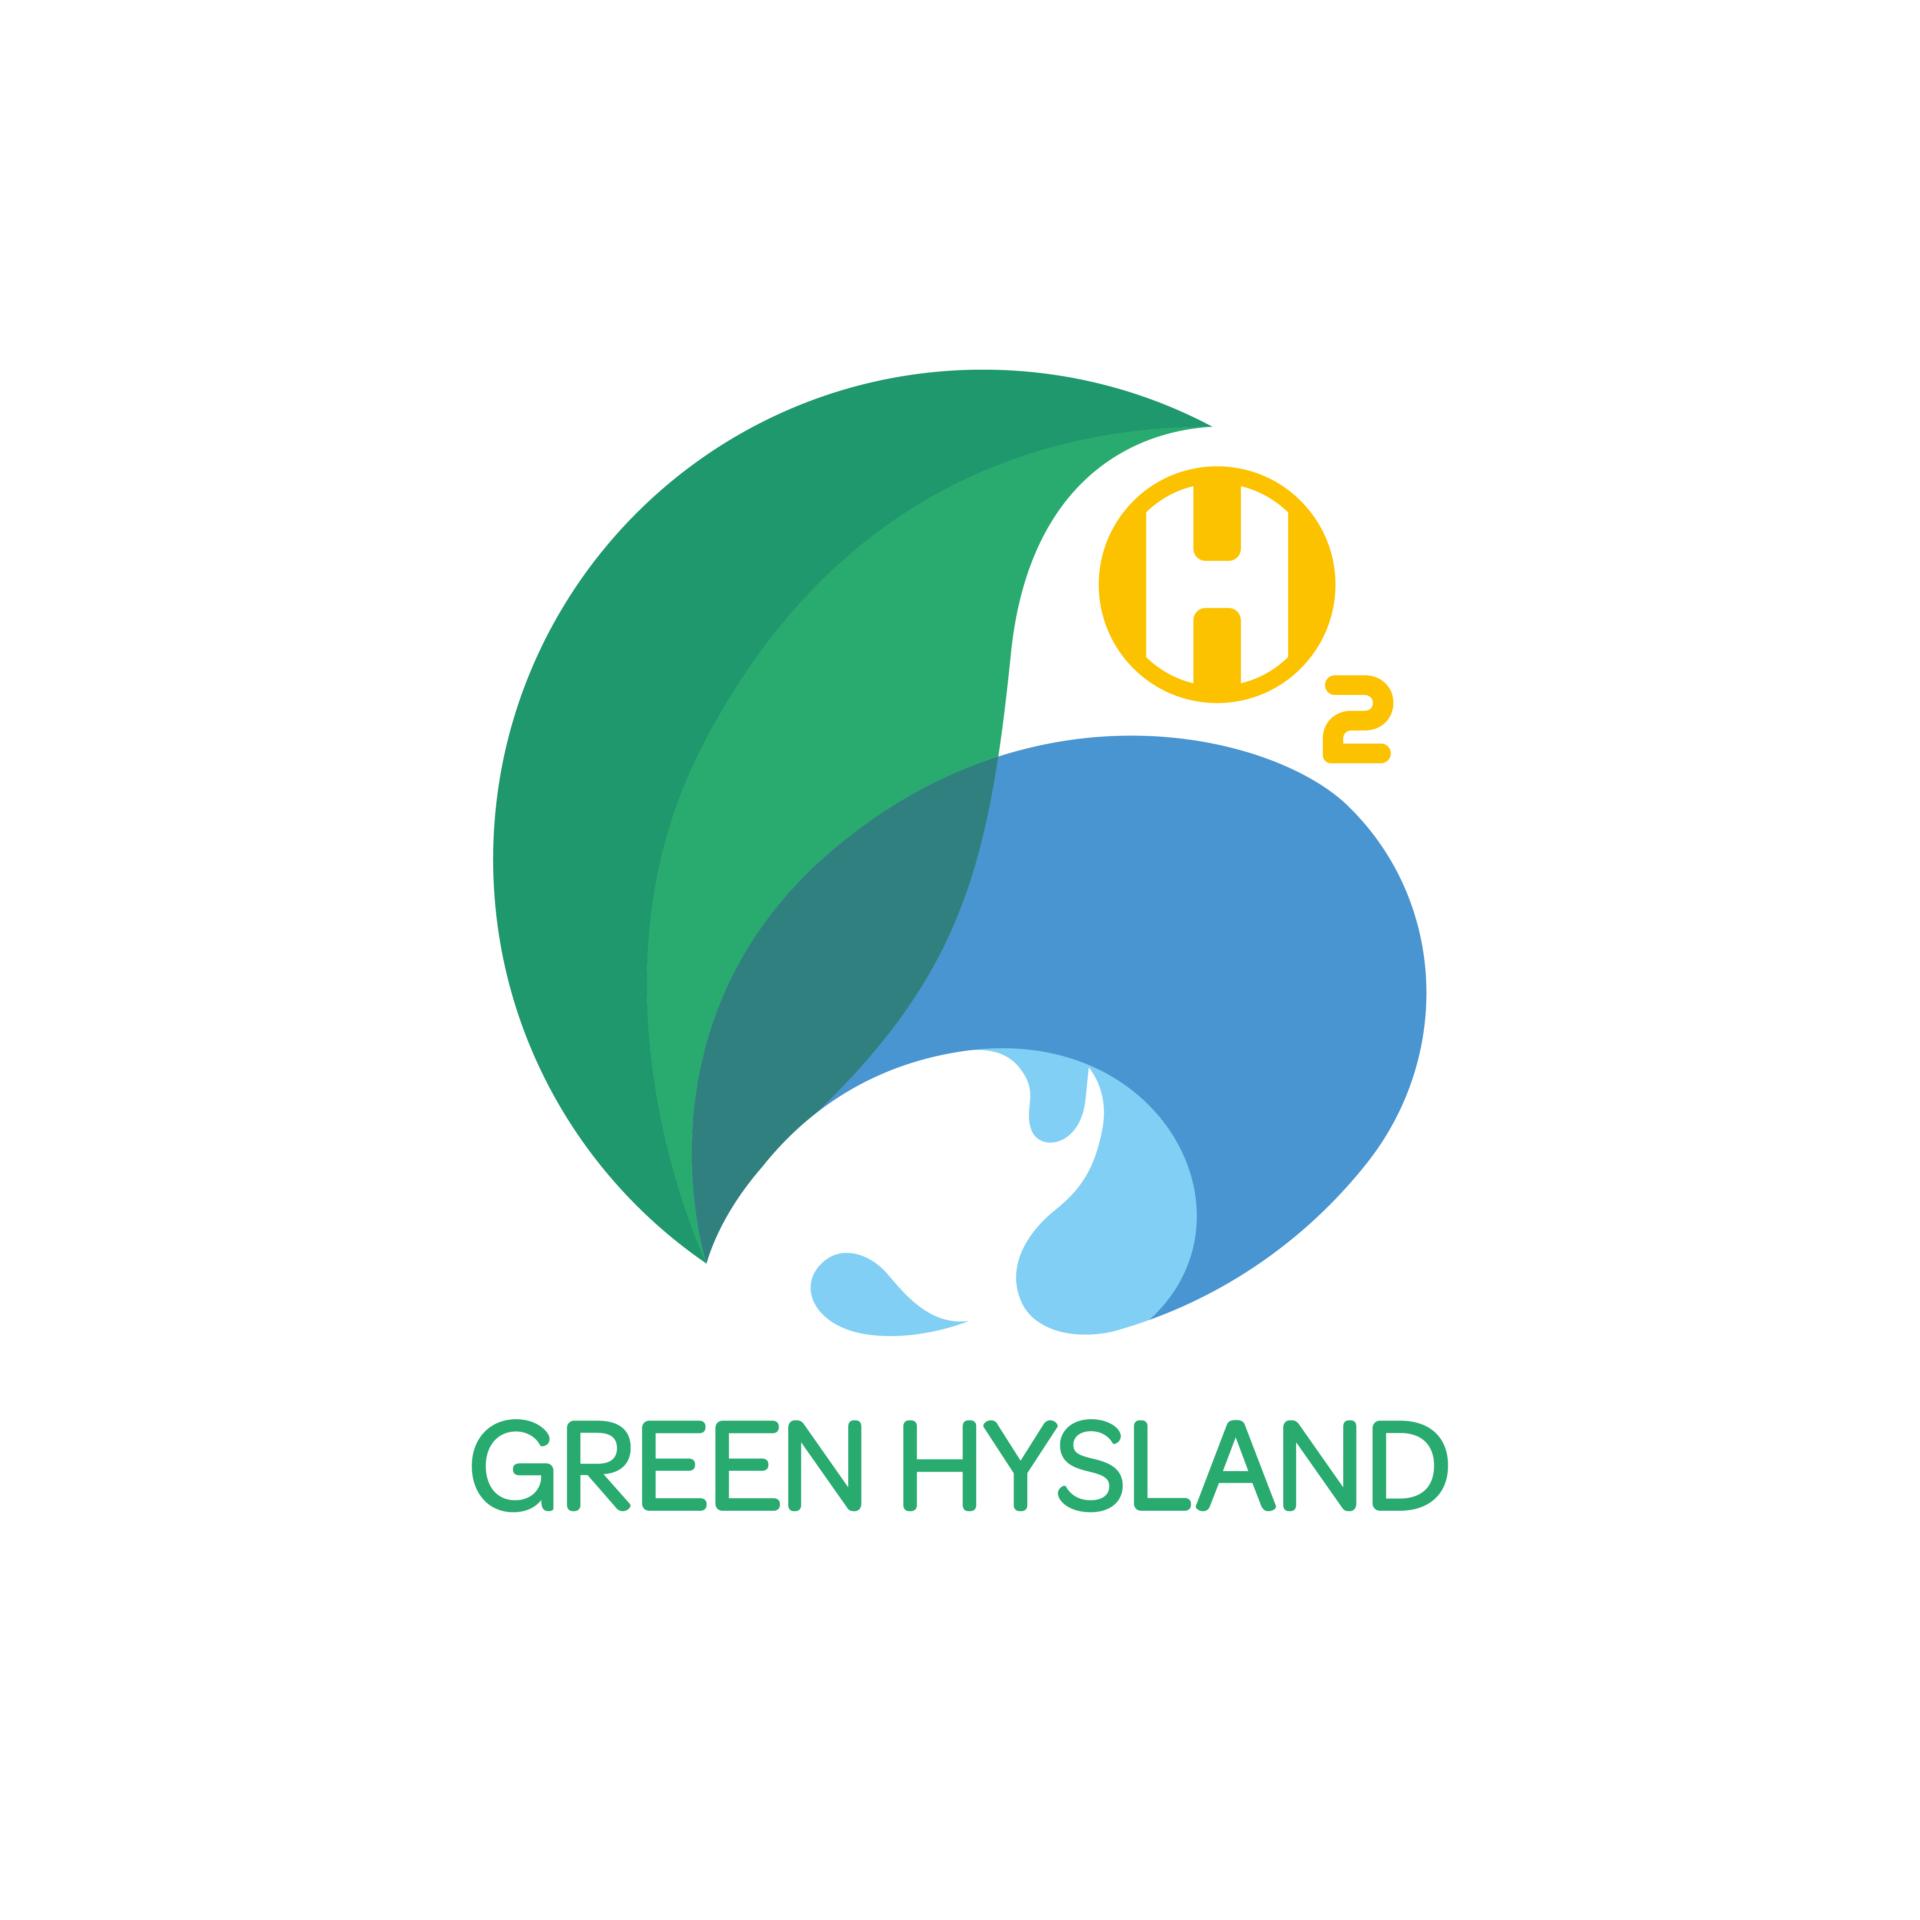 GREEN HYSLAND